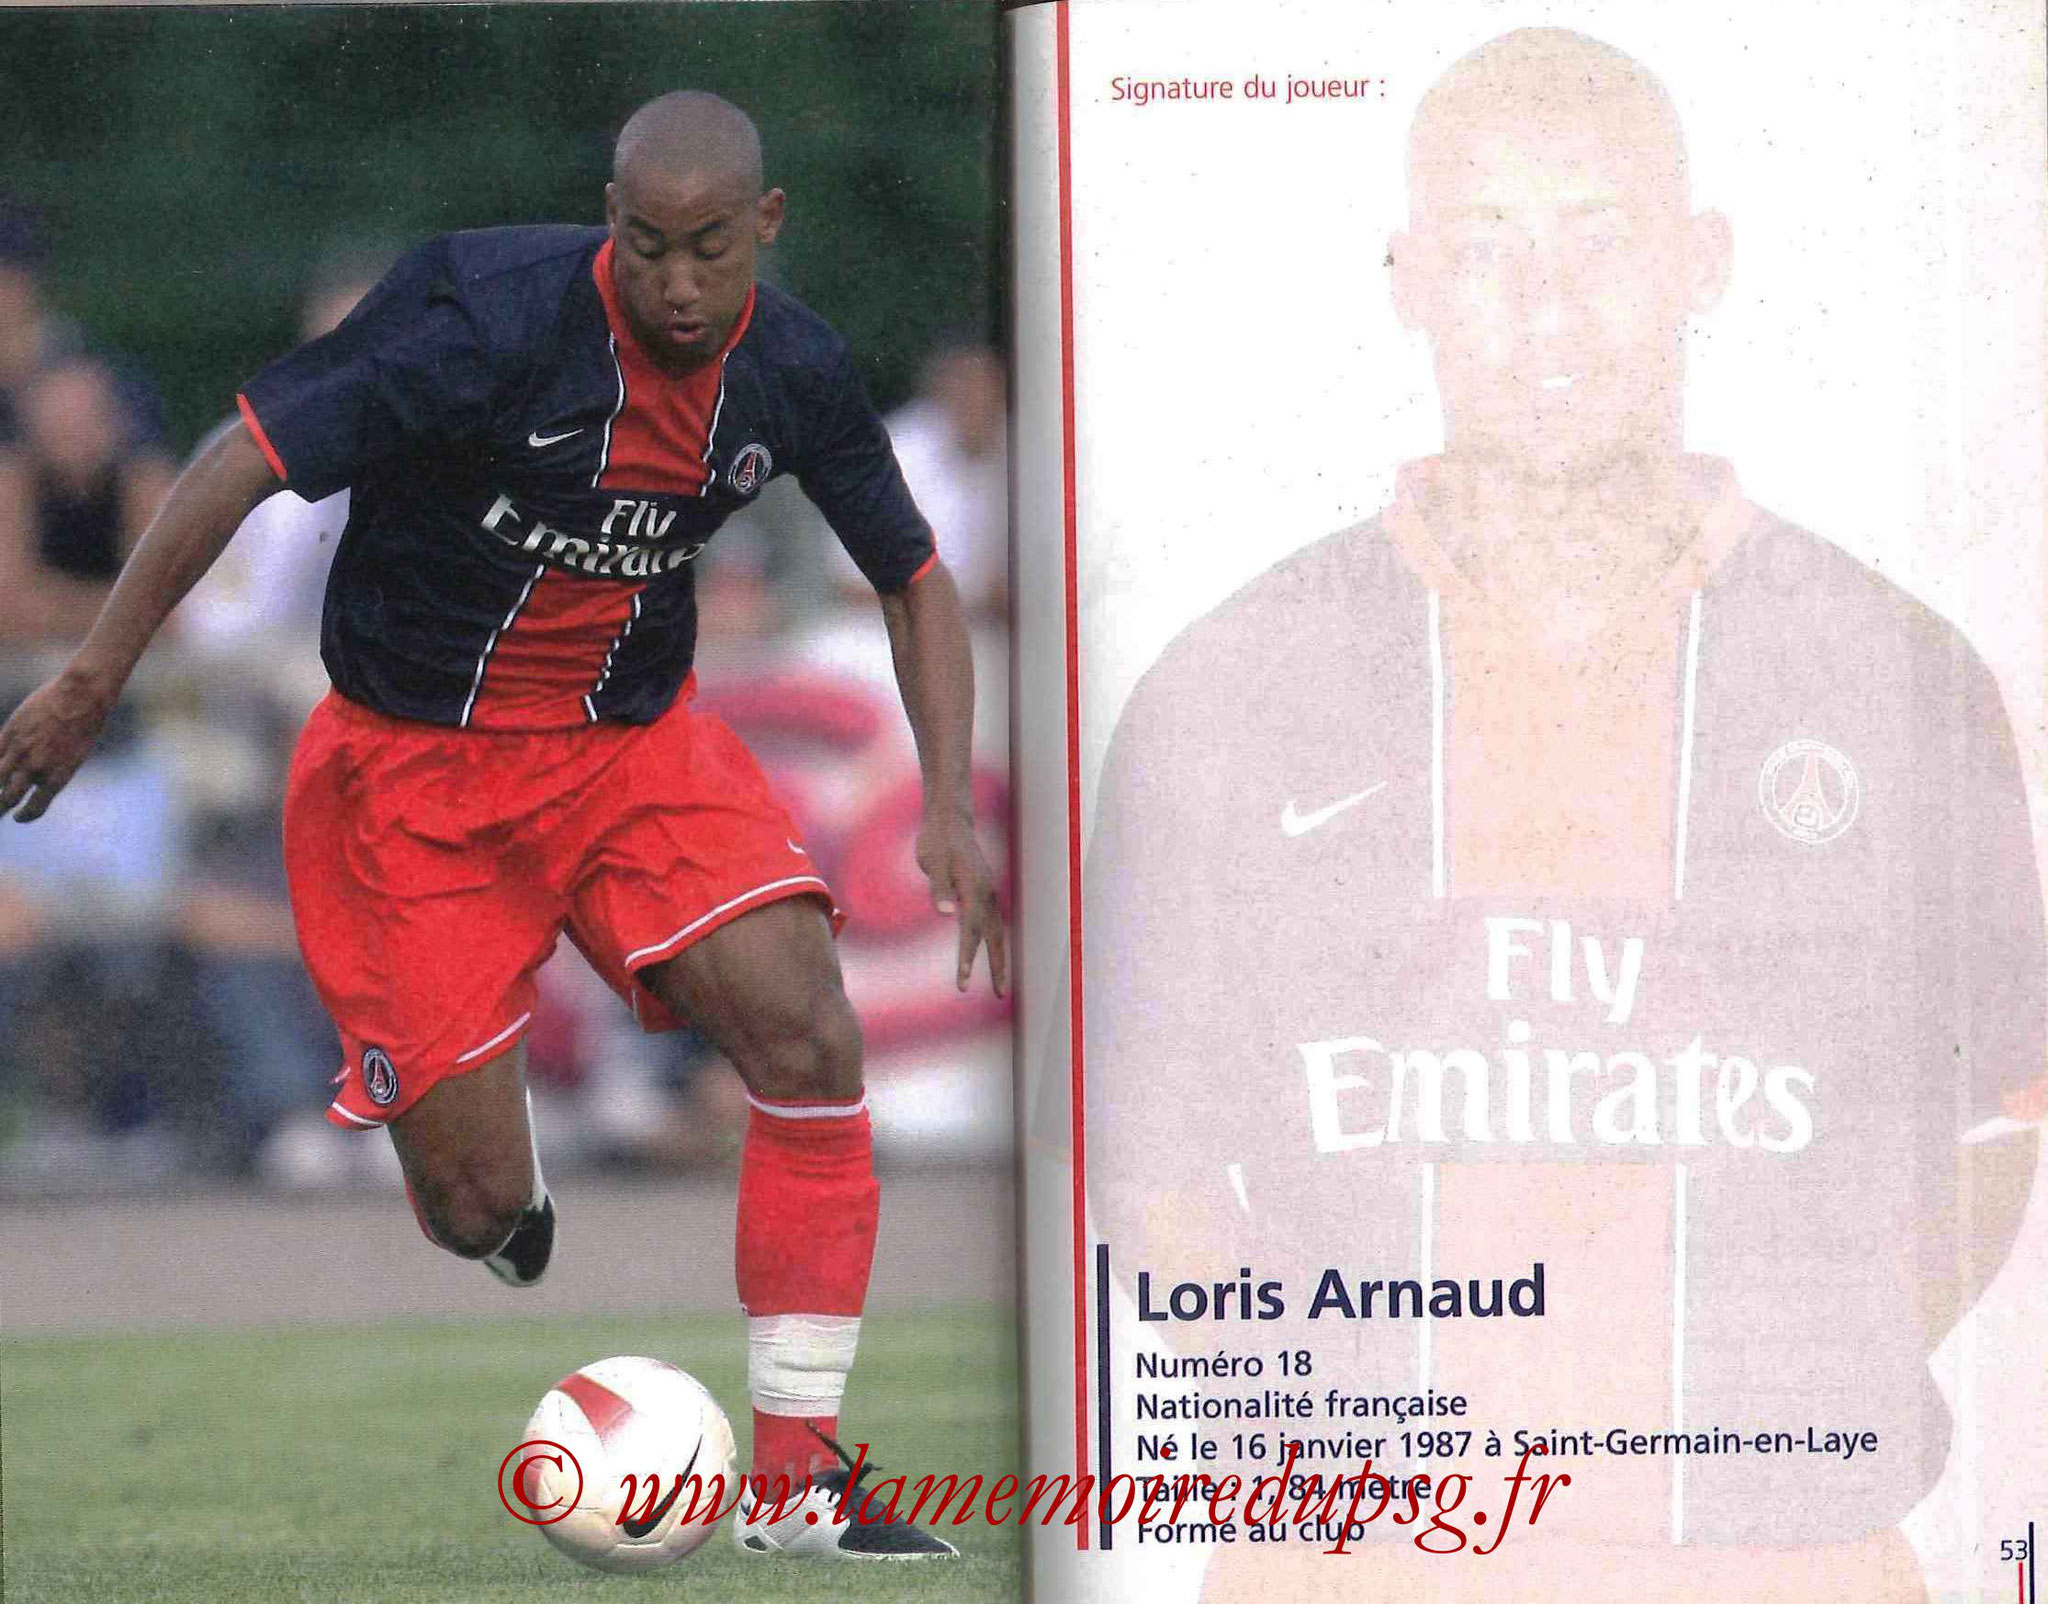 2007-08 - Guide de la Saison PSG - Pages 52 et 53 - Loris ARNAUD